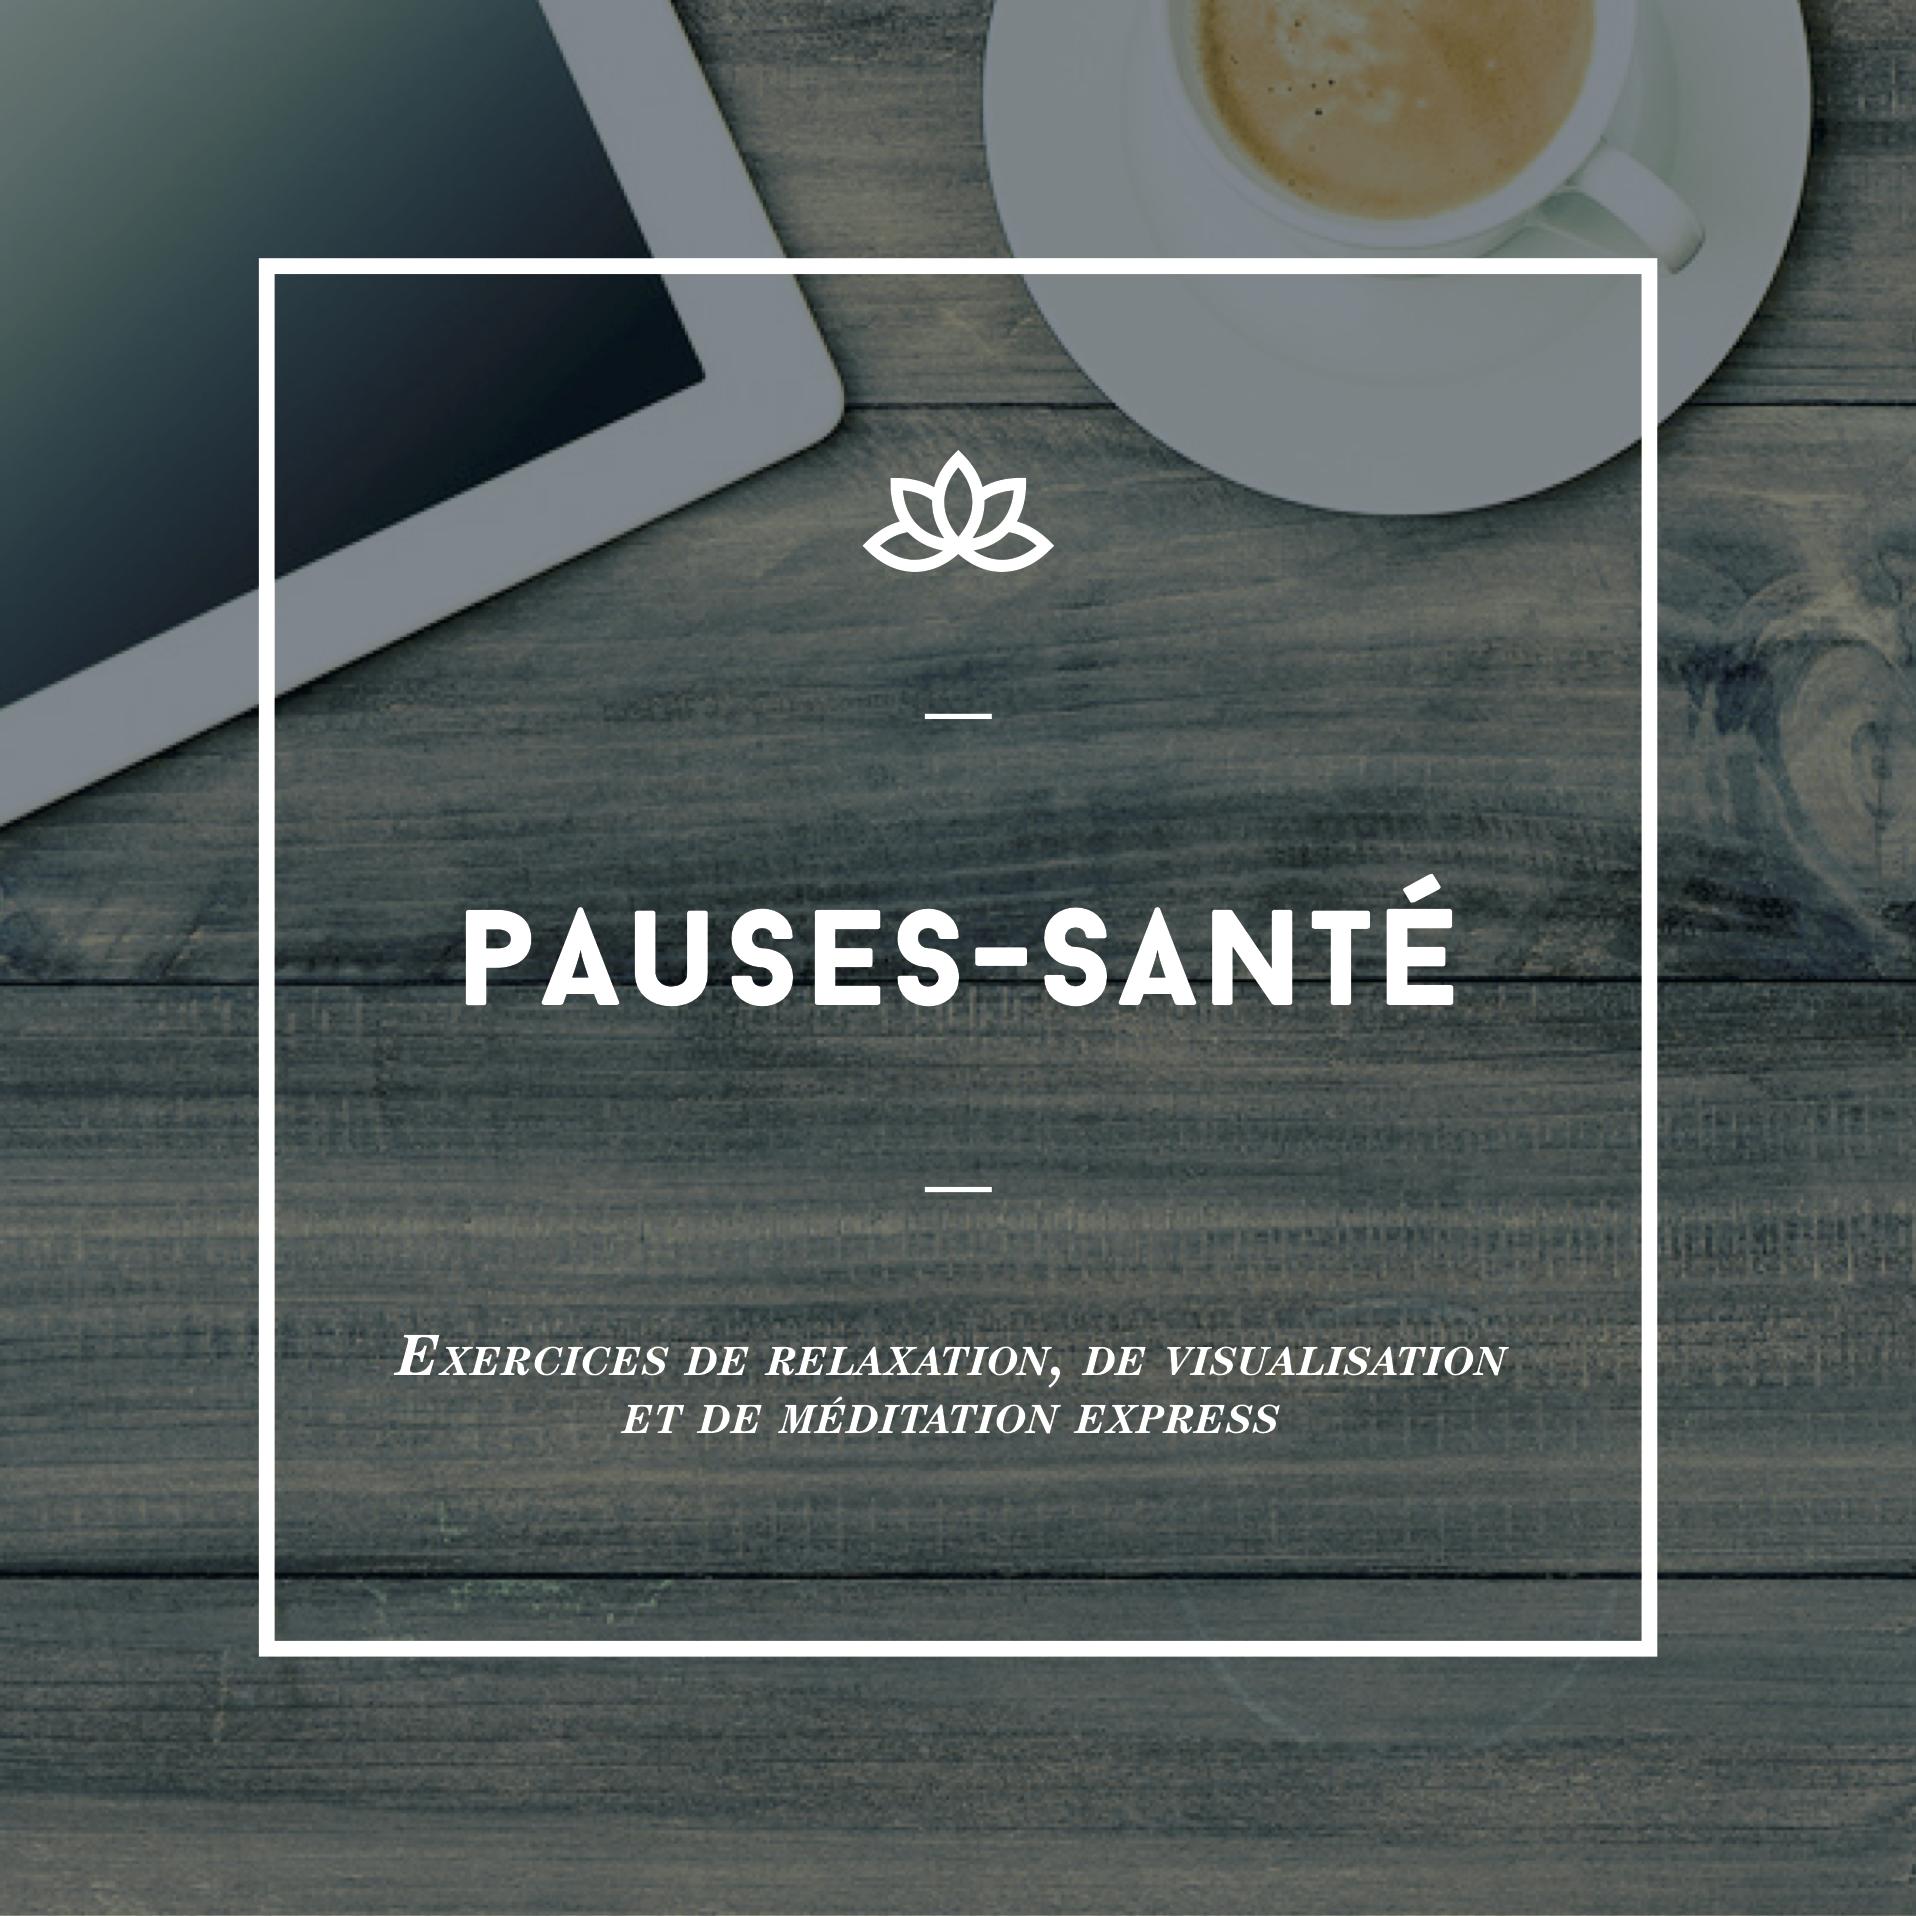 Apprivoiser_Pochette3_FINAL.png